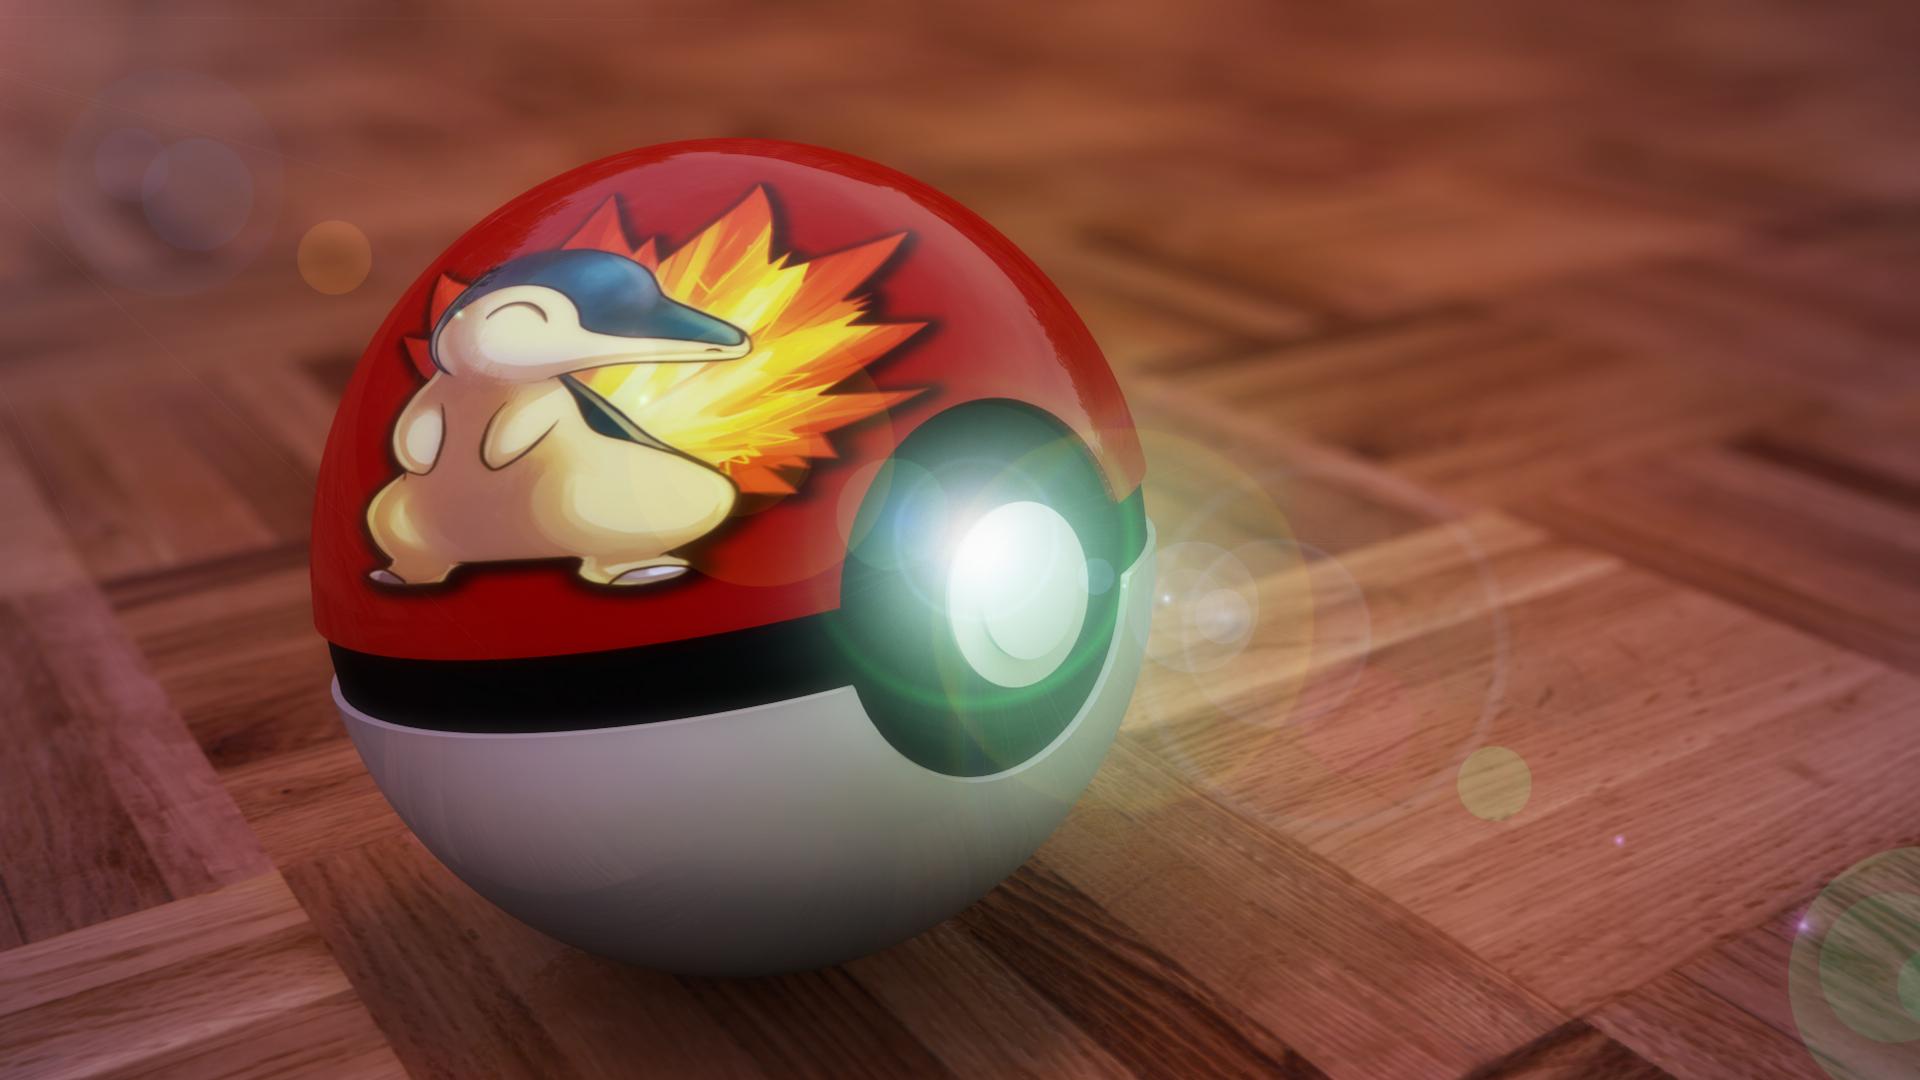 Pokeball by xylomon